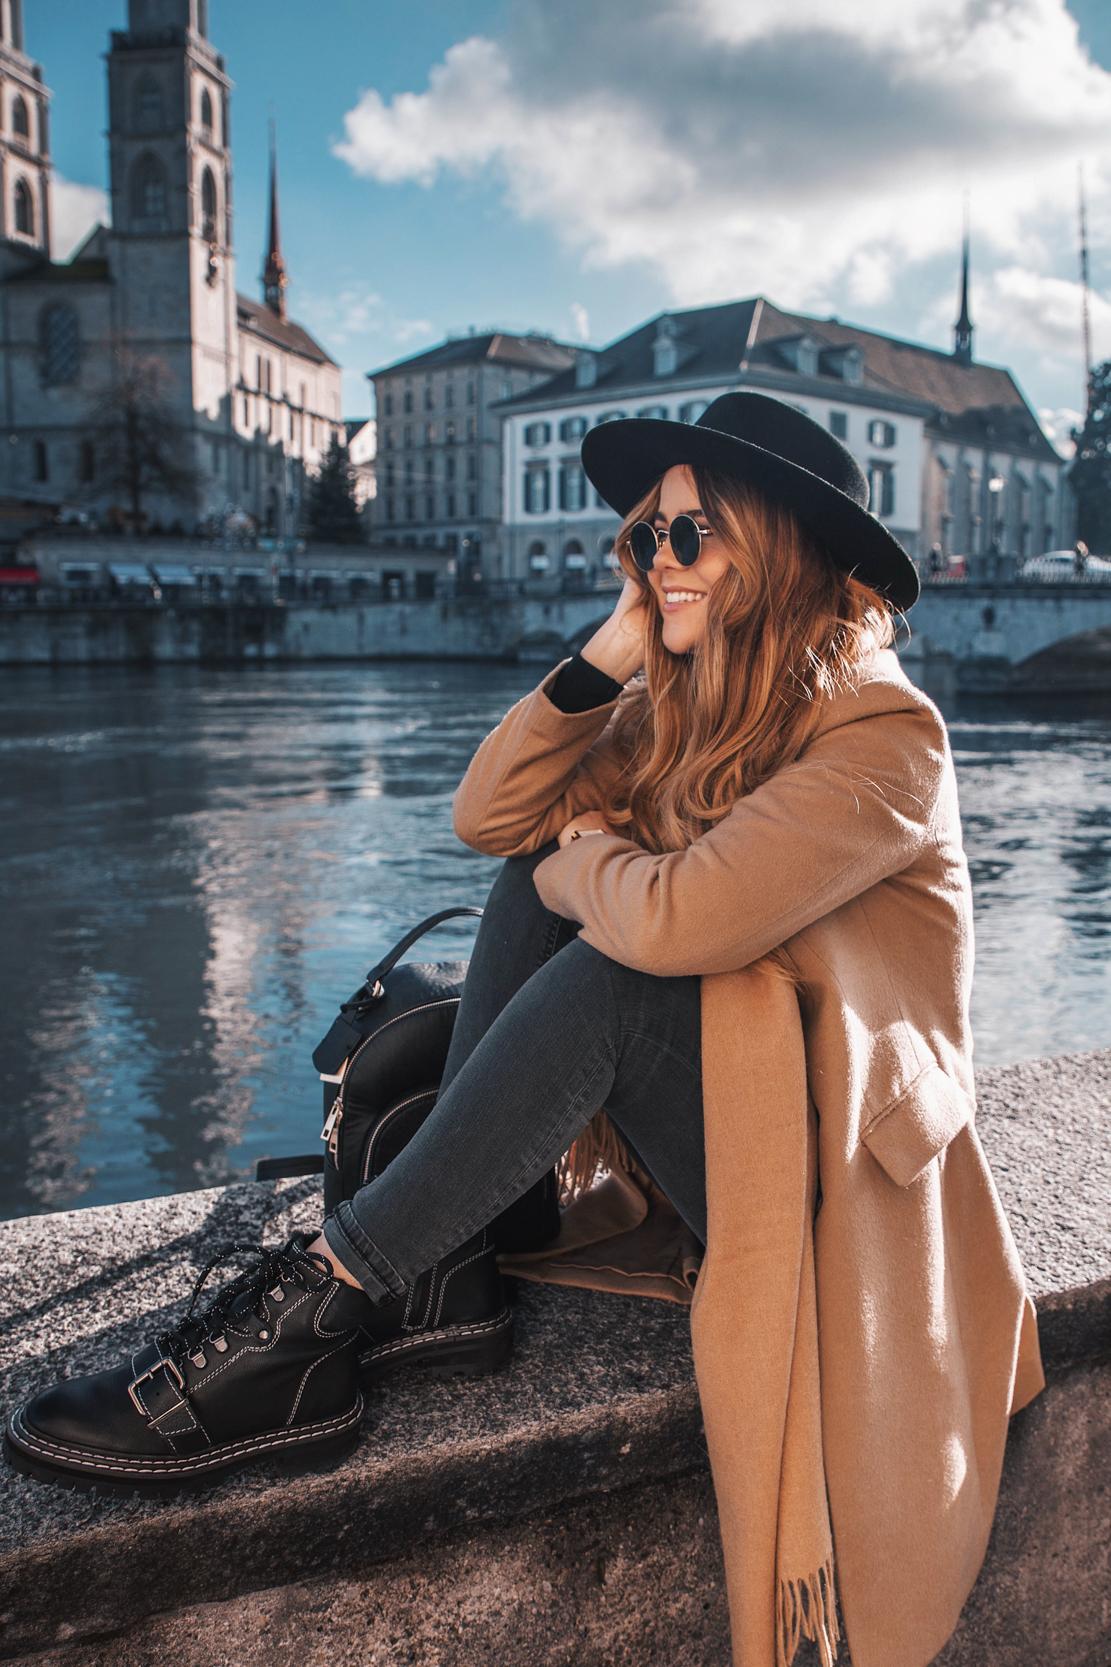 stylish-winter-outfits-switzerland-3.jpg